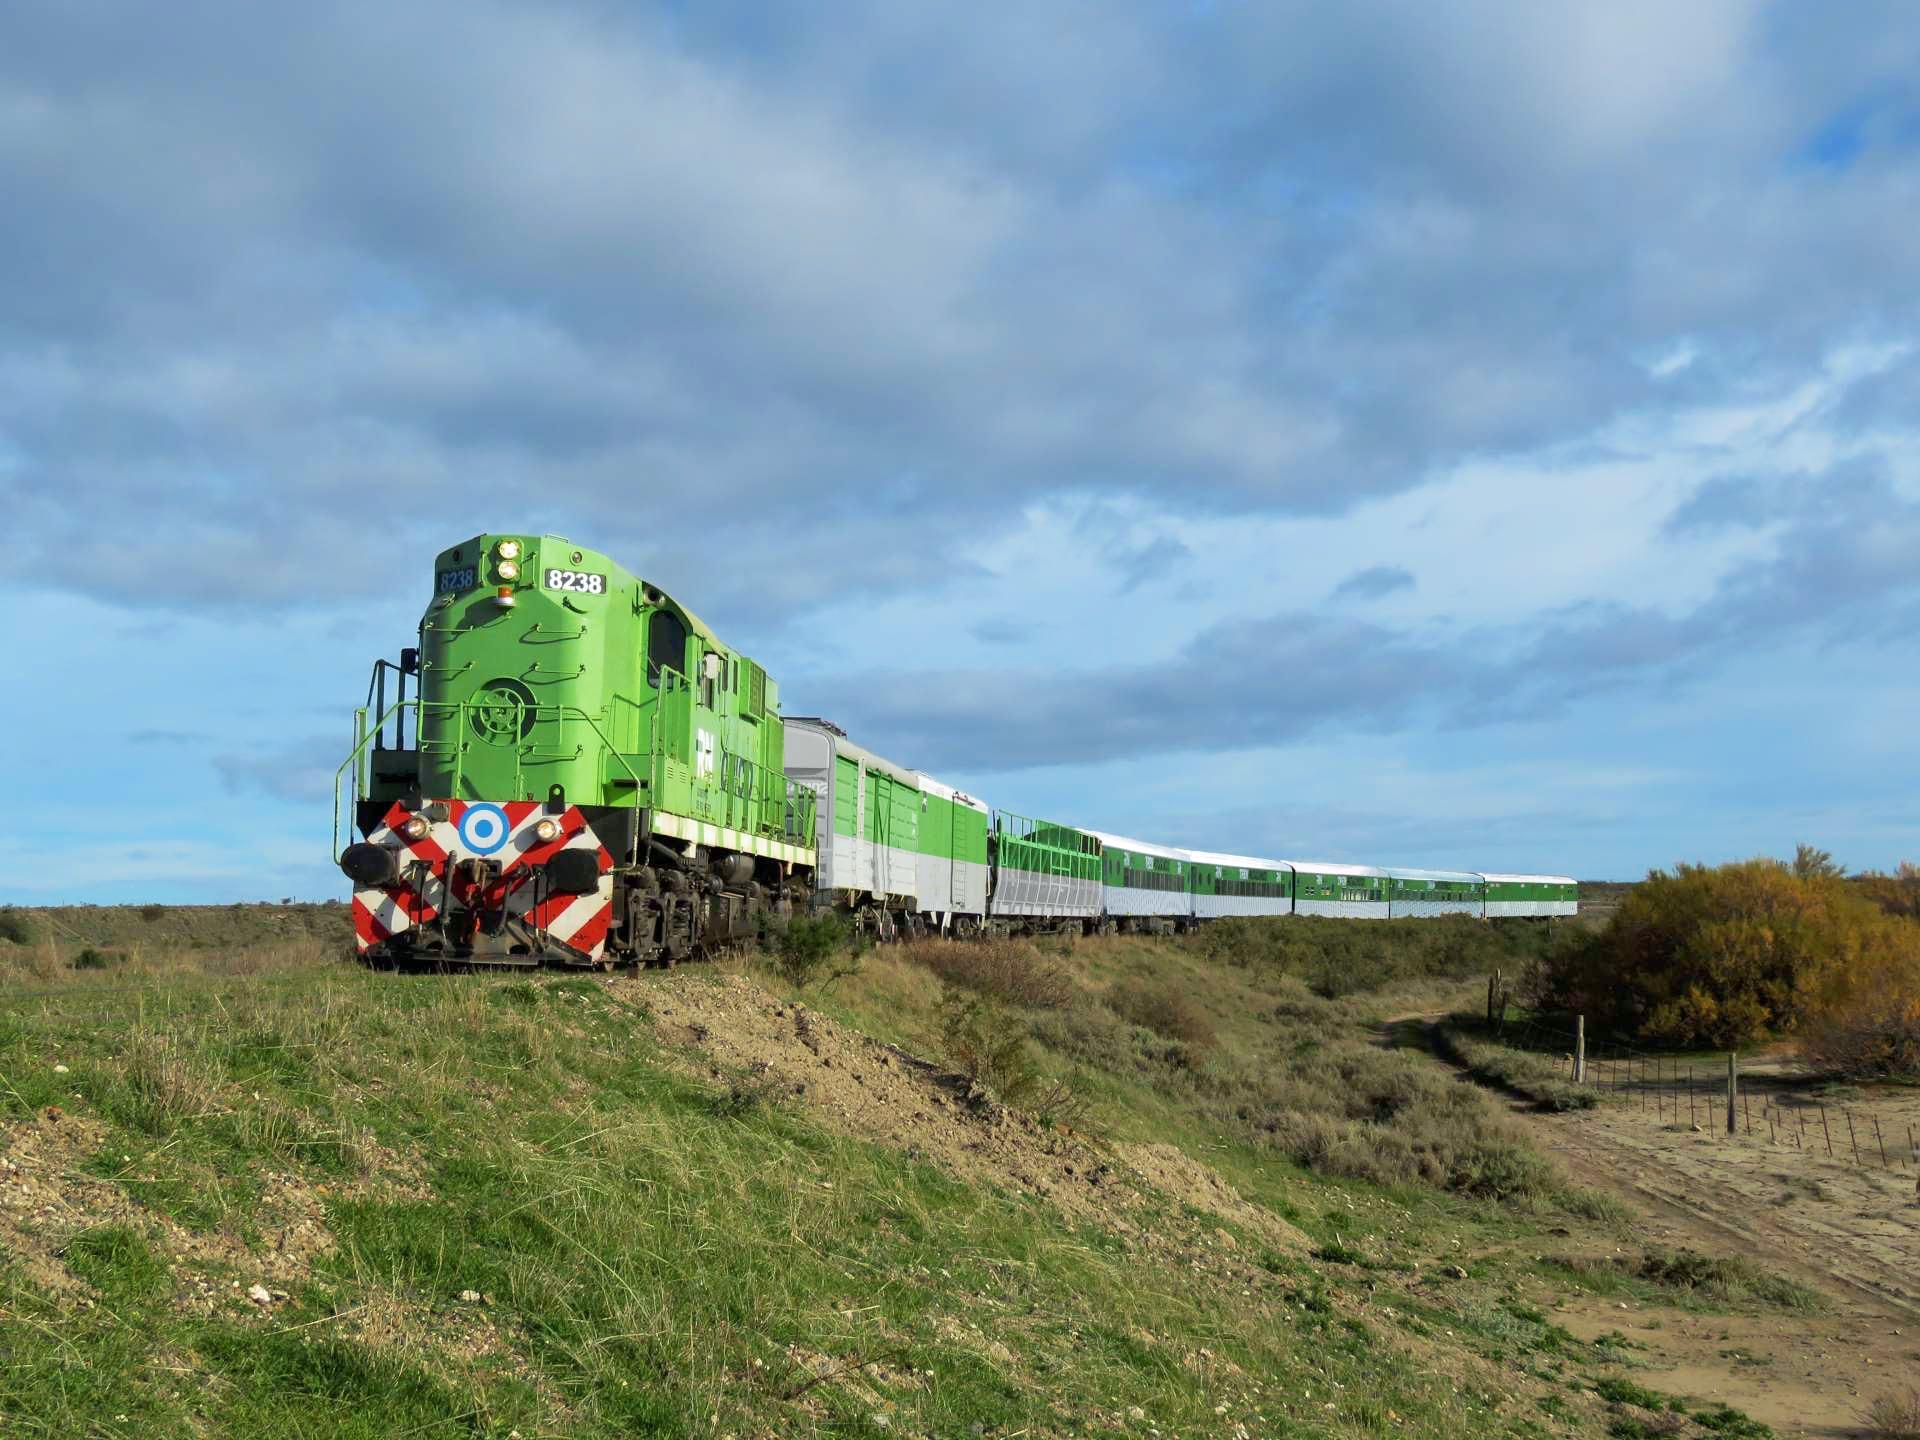 Train Viedma - Bariloche, Argentina